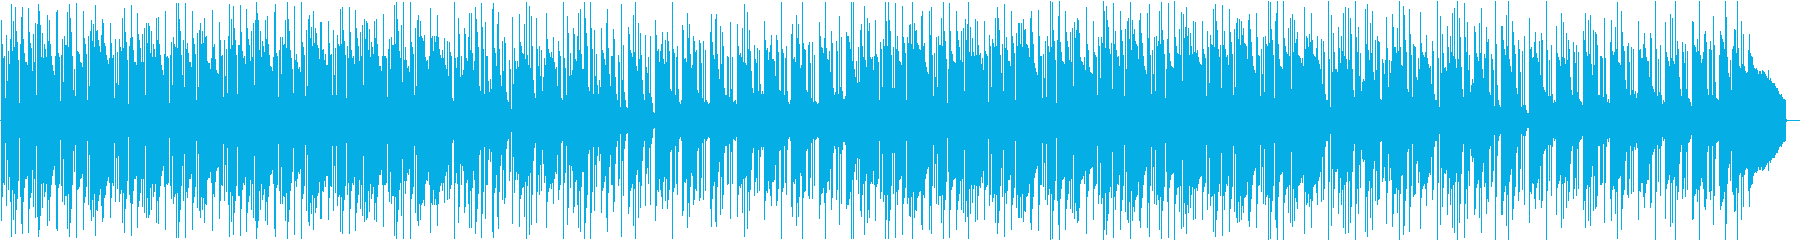 清潔感のあるゆったりしたピアノ曲の再生済みの波形